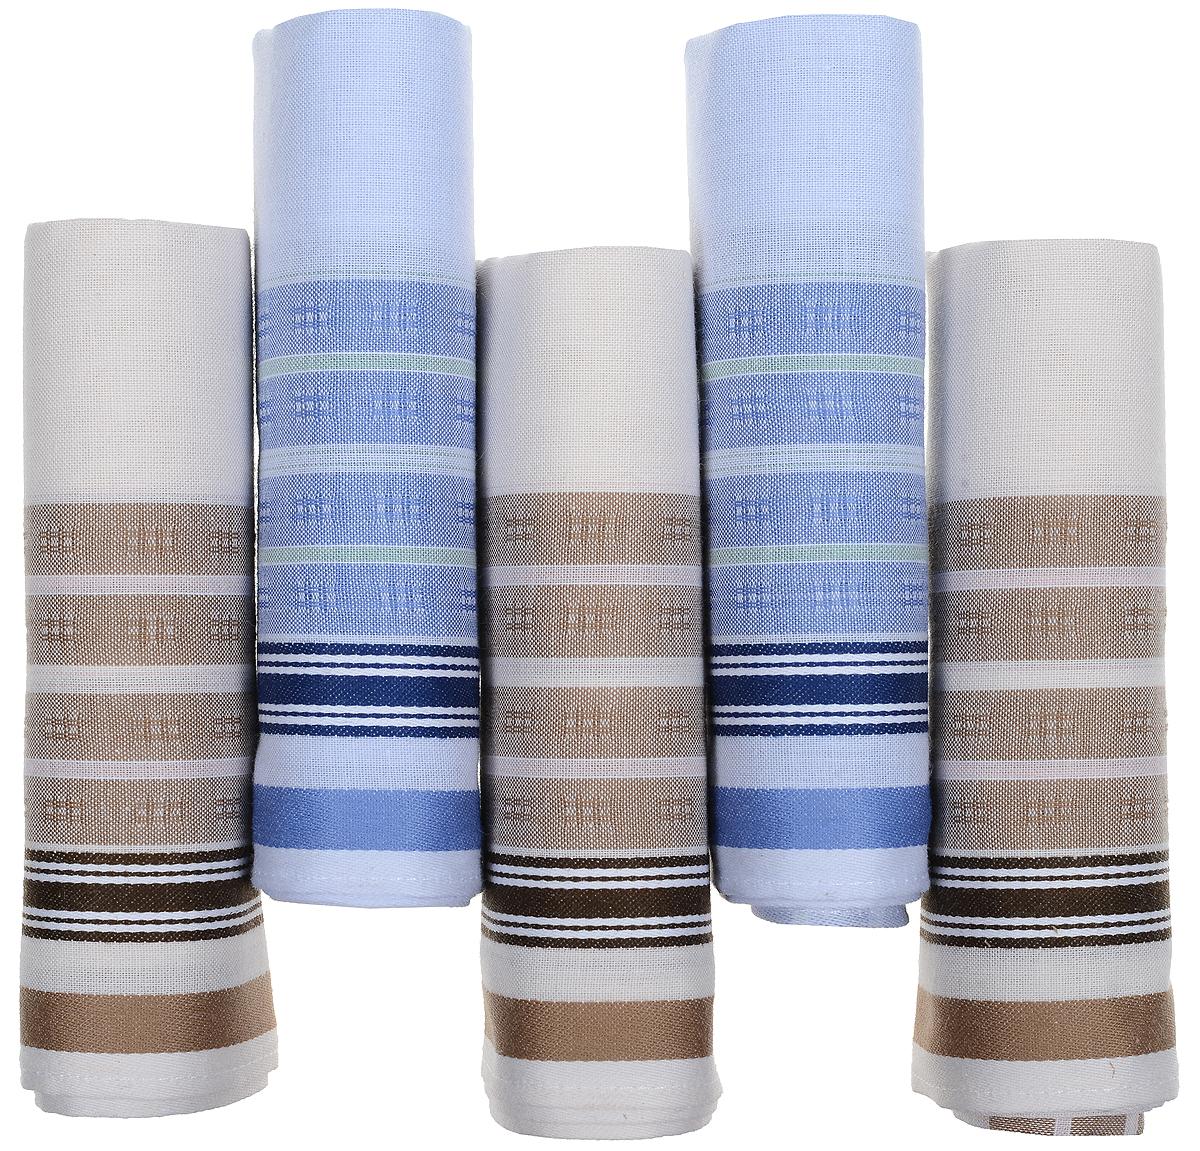 Платок носовой мужской Zlata Korunka, цвет: белый, коричневый, голубой, 5 шт. 90512-5. Размер 29 см х 29 см39864|Серьги с подвескамиОригинальный мужской носовой платок Zlata Korunka изготовлен из высококачественного натурального хлопка, благодаря чему приятен в использовании, хорошо стирается, не садится и отлично впитывает влагу. Практичный и изящный носовой платок будет незаменим в повседневной жизни любого современного человека. Такой платок послужит стильным аксессуаром и подчеркнет ваше превосходное чувство вкуса.В комплекте 5 платков.